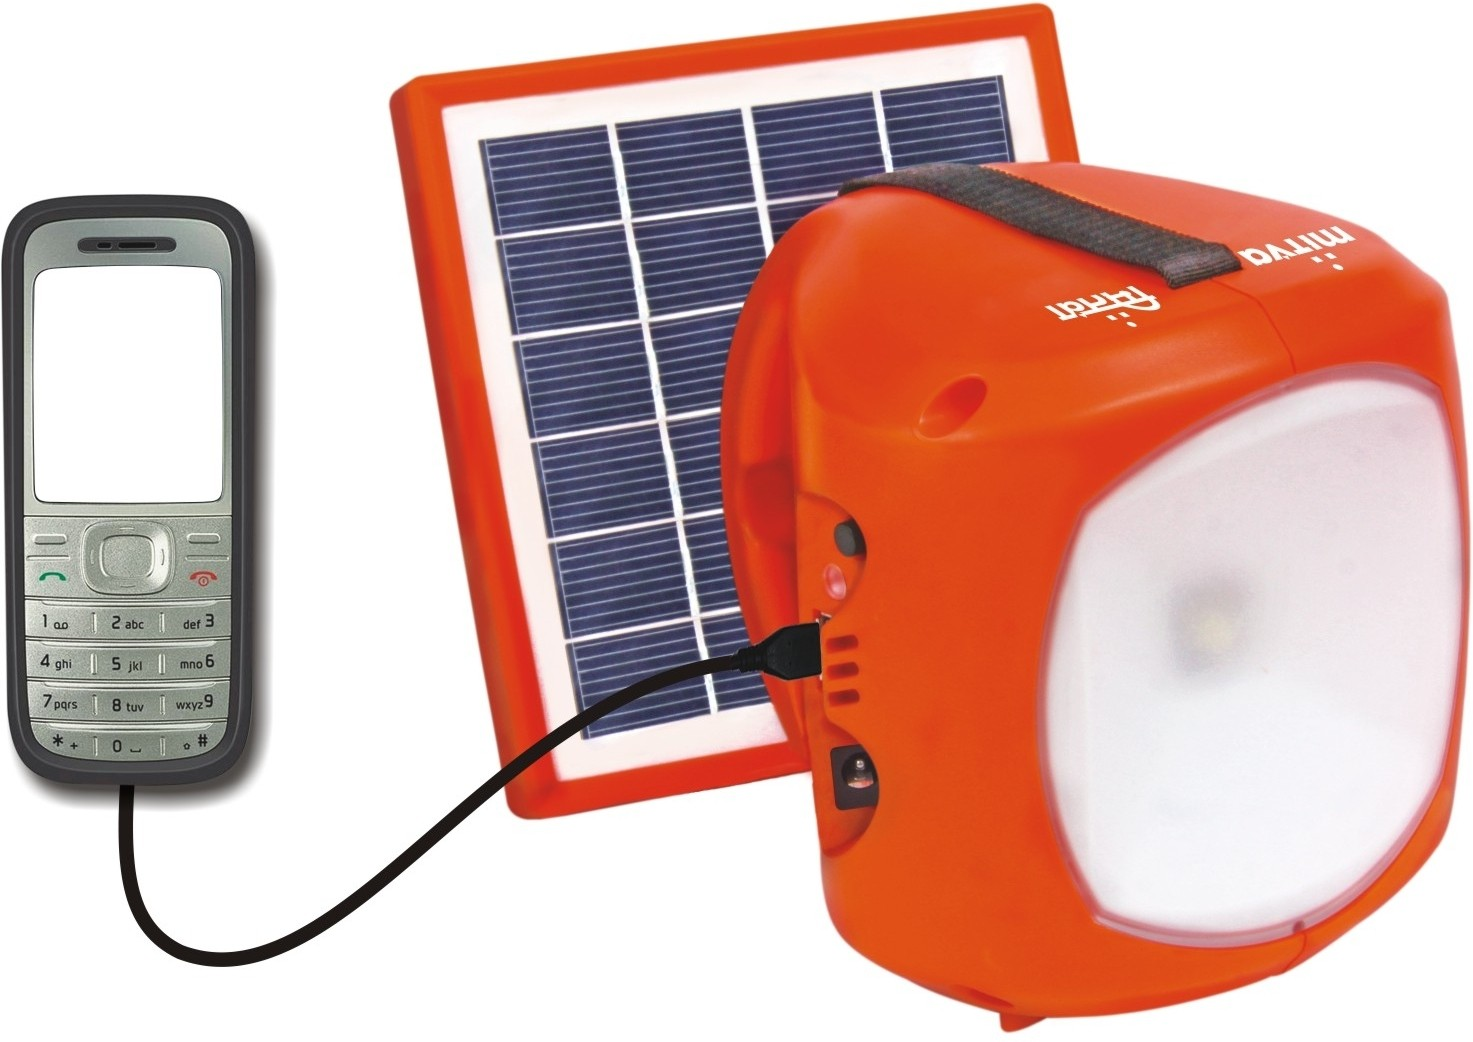 Mitva Ms 322 Solar Lights Price In India Buy Mitva Ms